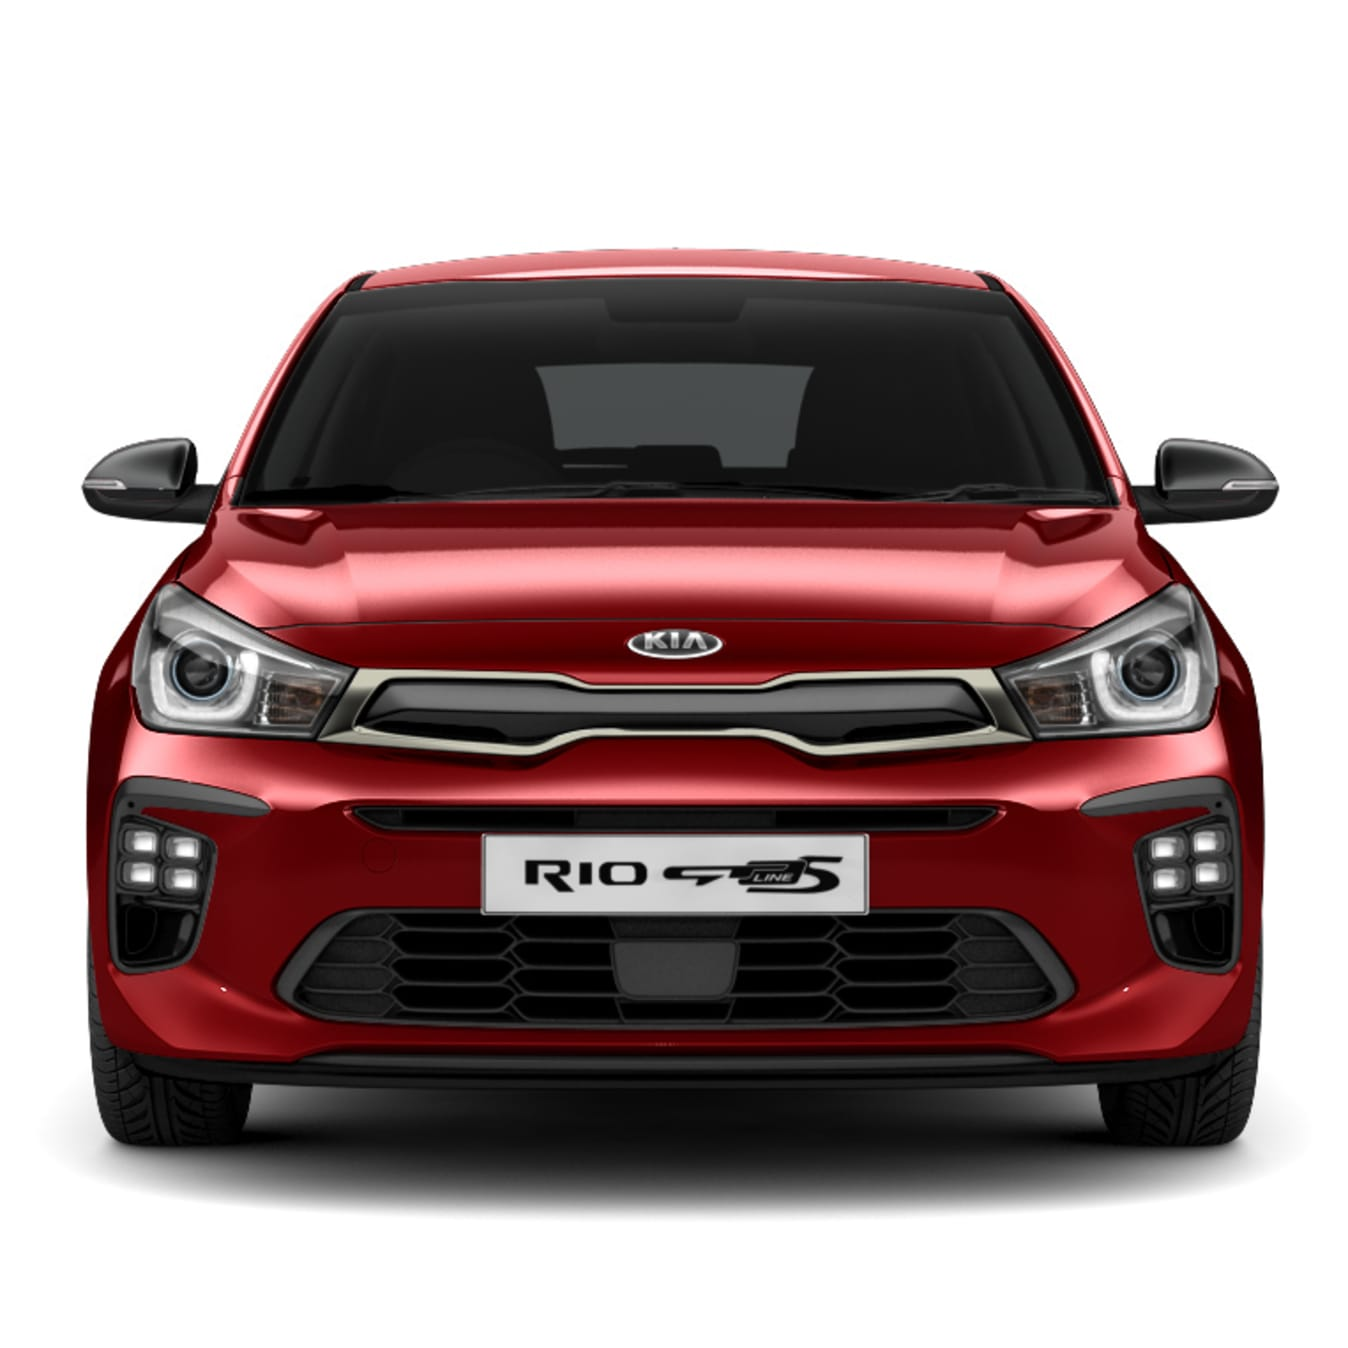 Kia Dealer Nj: Who Owns Kia Motors